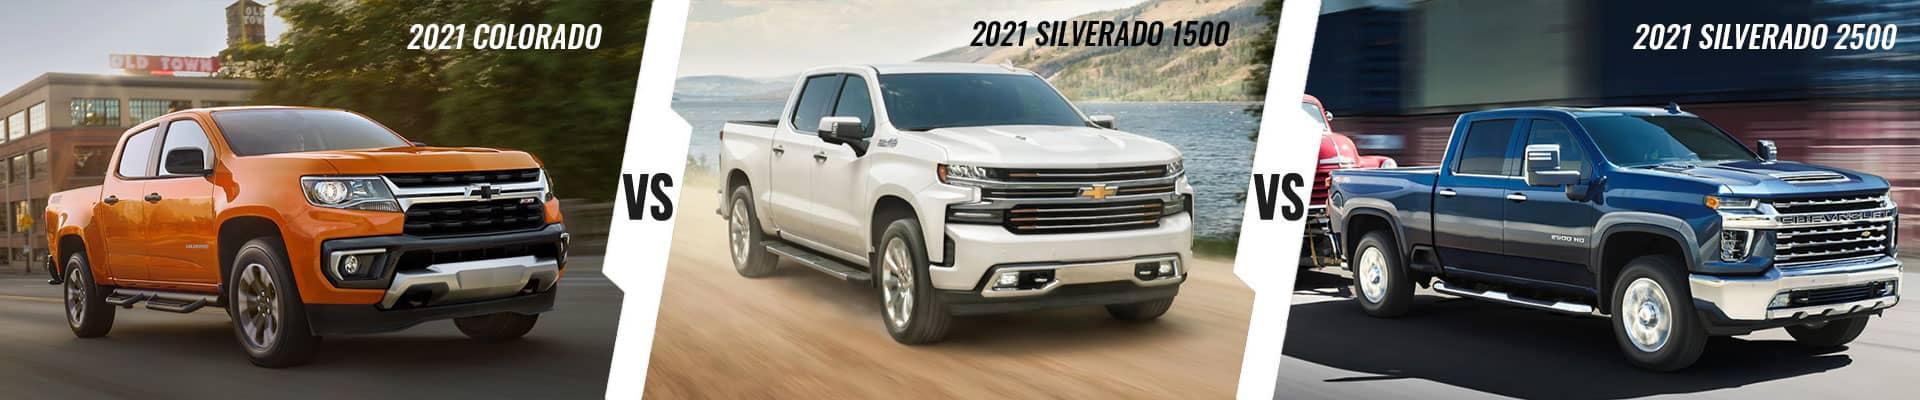 Chevy truck Comparison: 2021 Chevrolet Colorado Vs 2021 Chevrolet Silverado 1500 Vs 2021 Chevrolet Silverado 2500HD